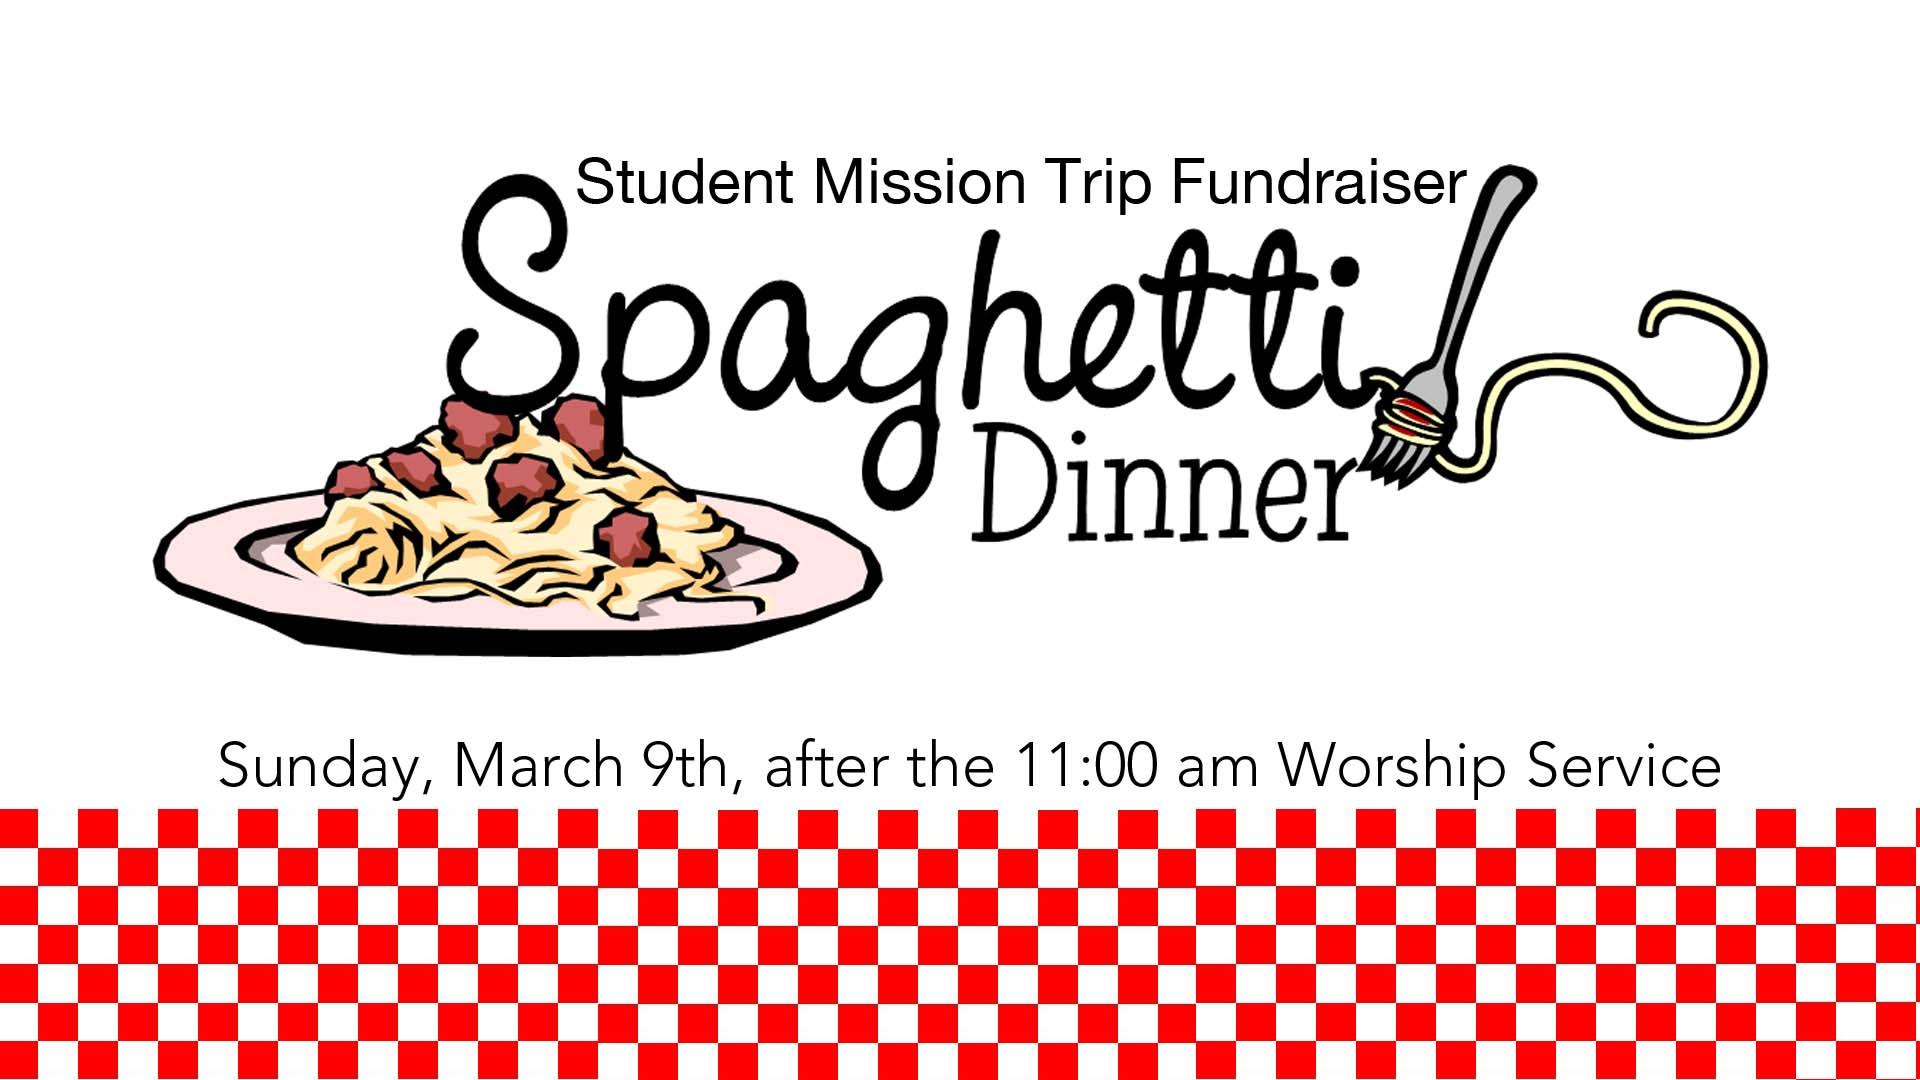 Free Spaghetti Dinner Fundraiser Flyer Template